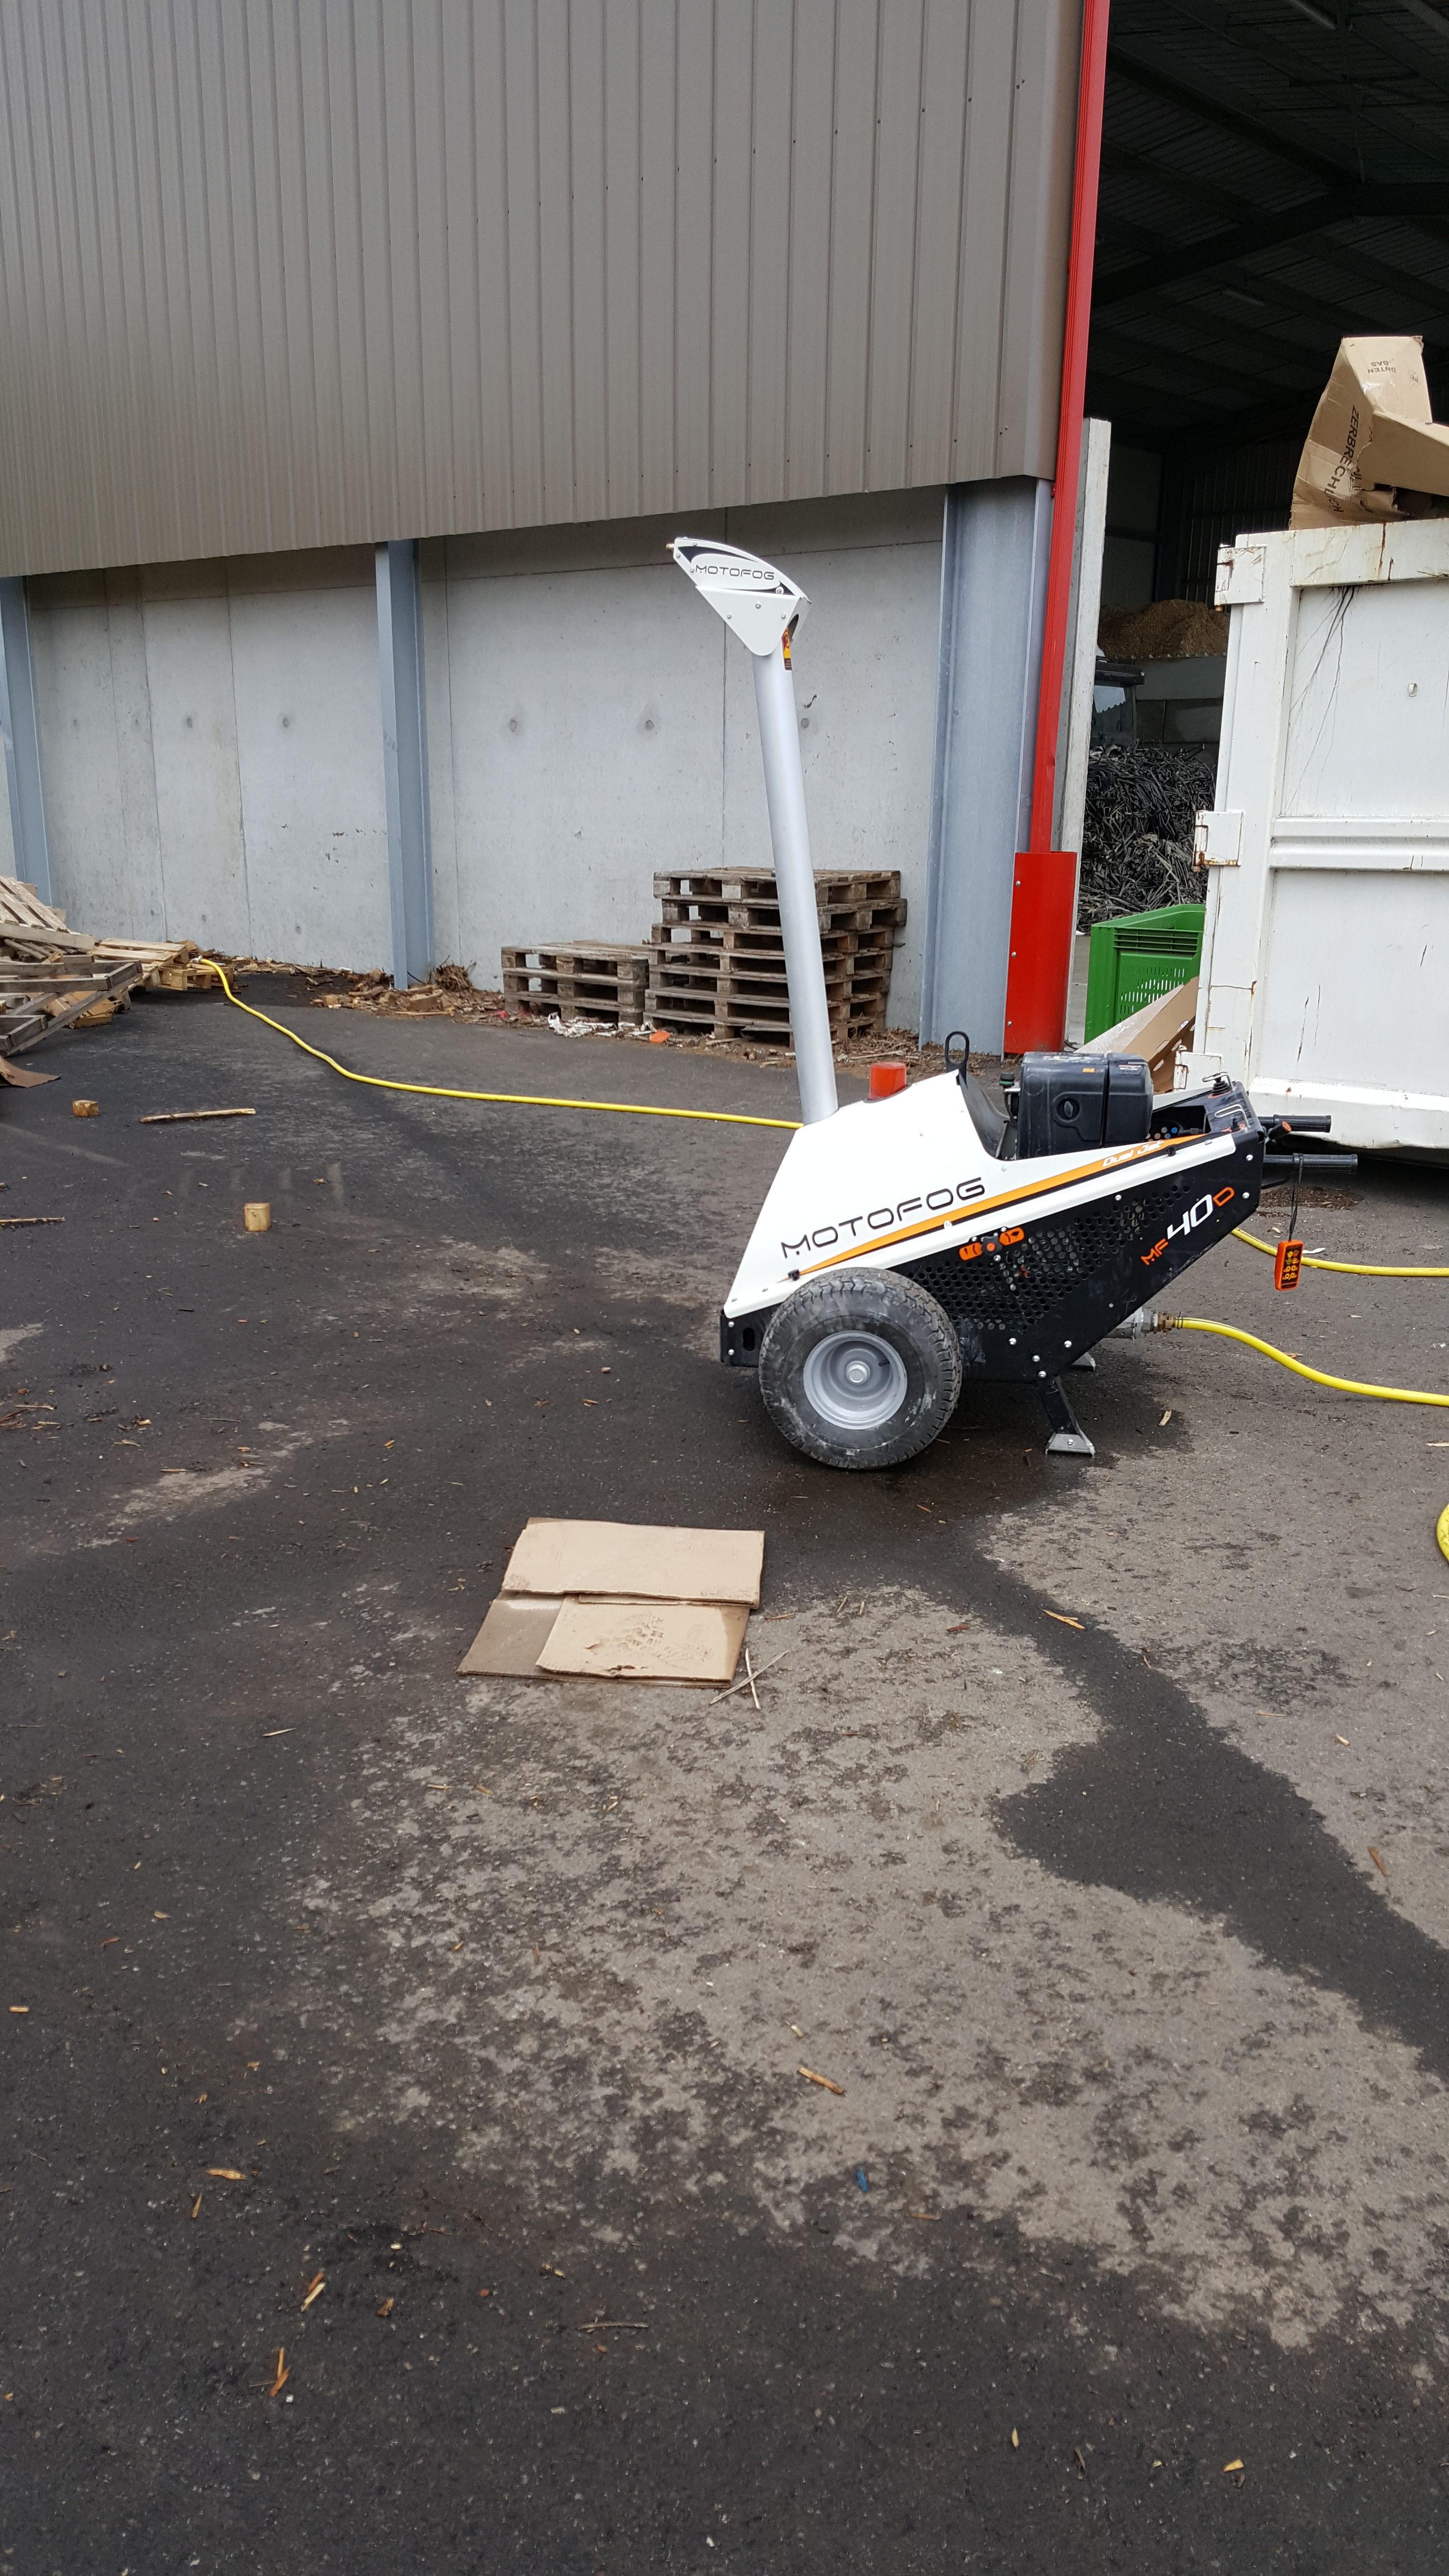 Le MOTOFOG MF40 est un brumisateur pour l'abattage de poussières et odeurs